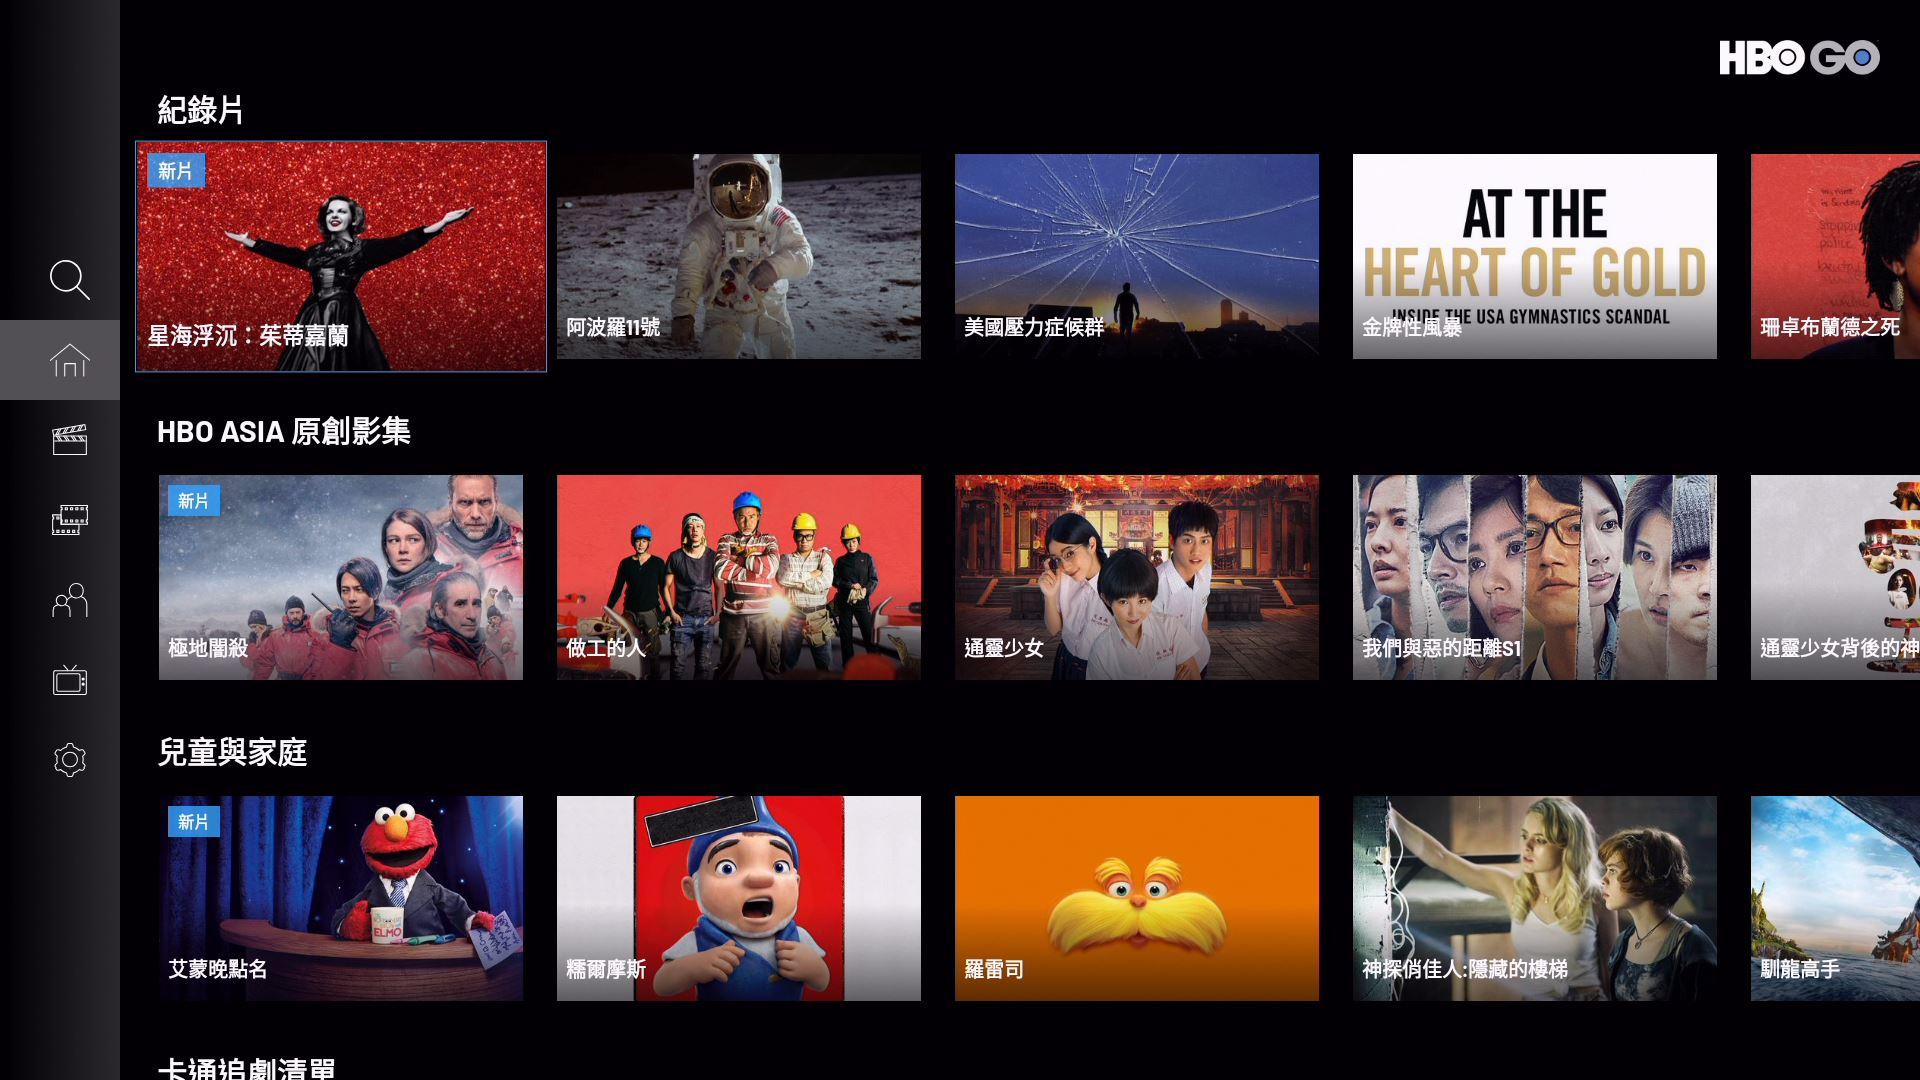 雷爵RockTek G1 4K HDR電視盒-無痛升級Google授權Android TV系統,語音助理免動手 - 80